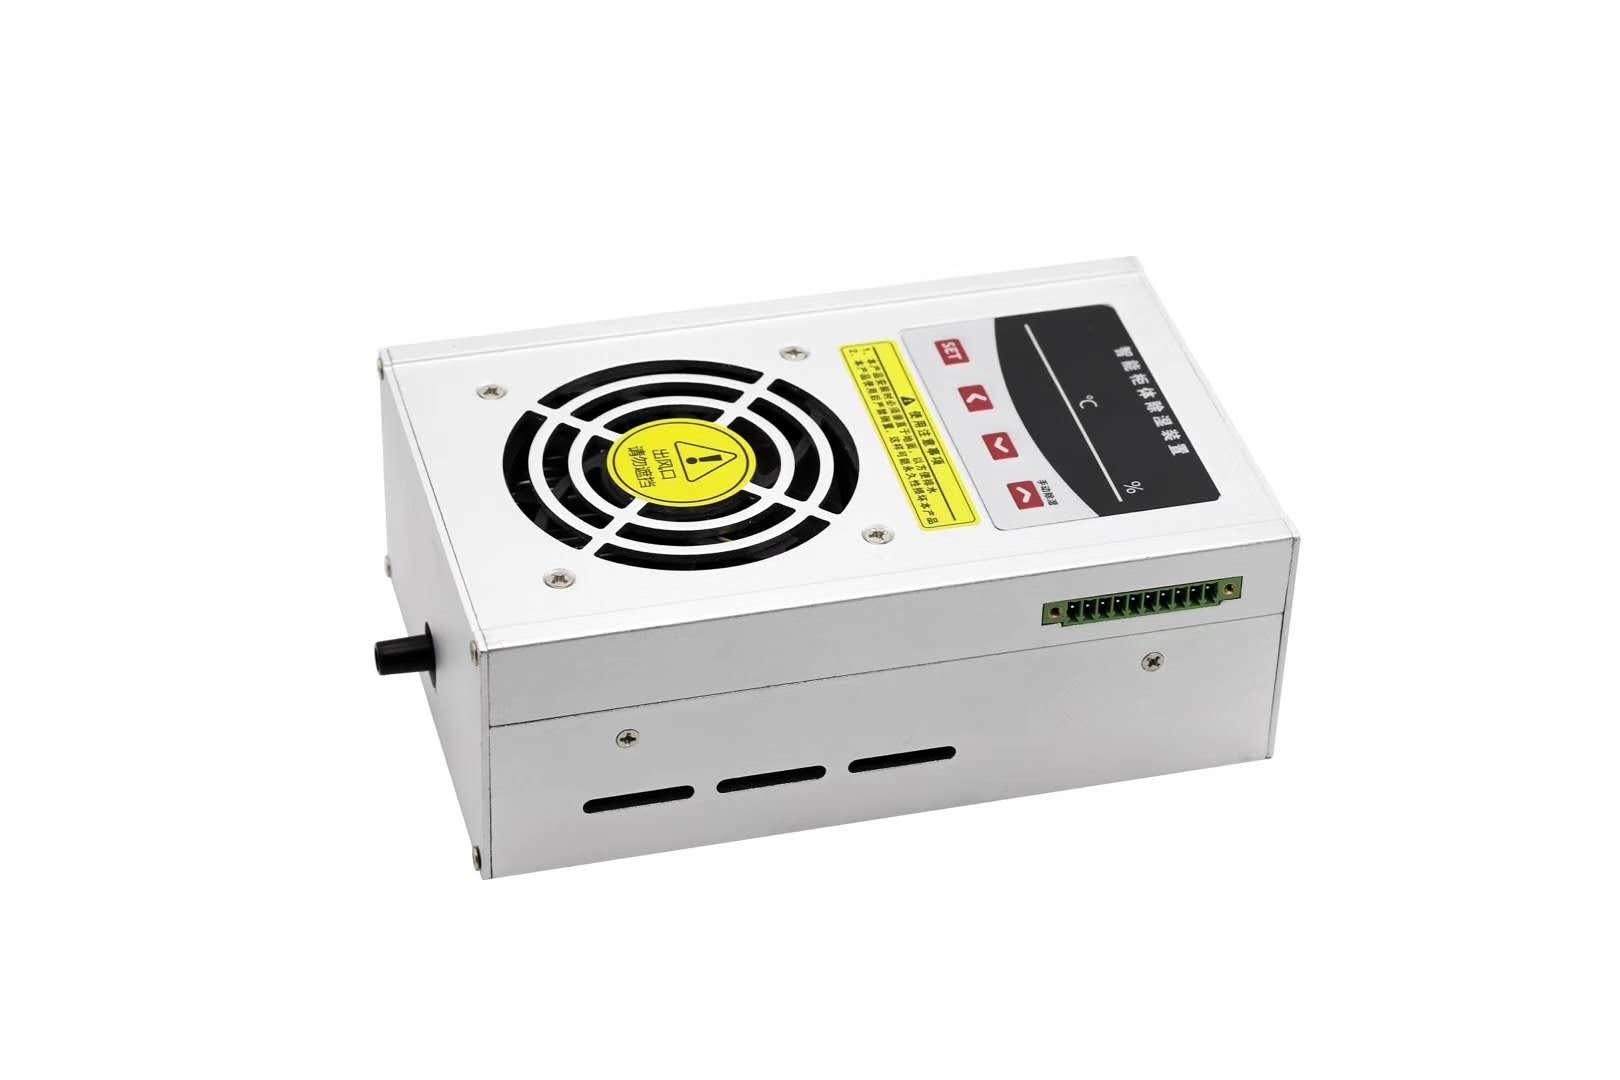 西智能操控装置ZR-K7200-K7Y090月度评述